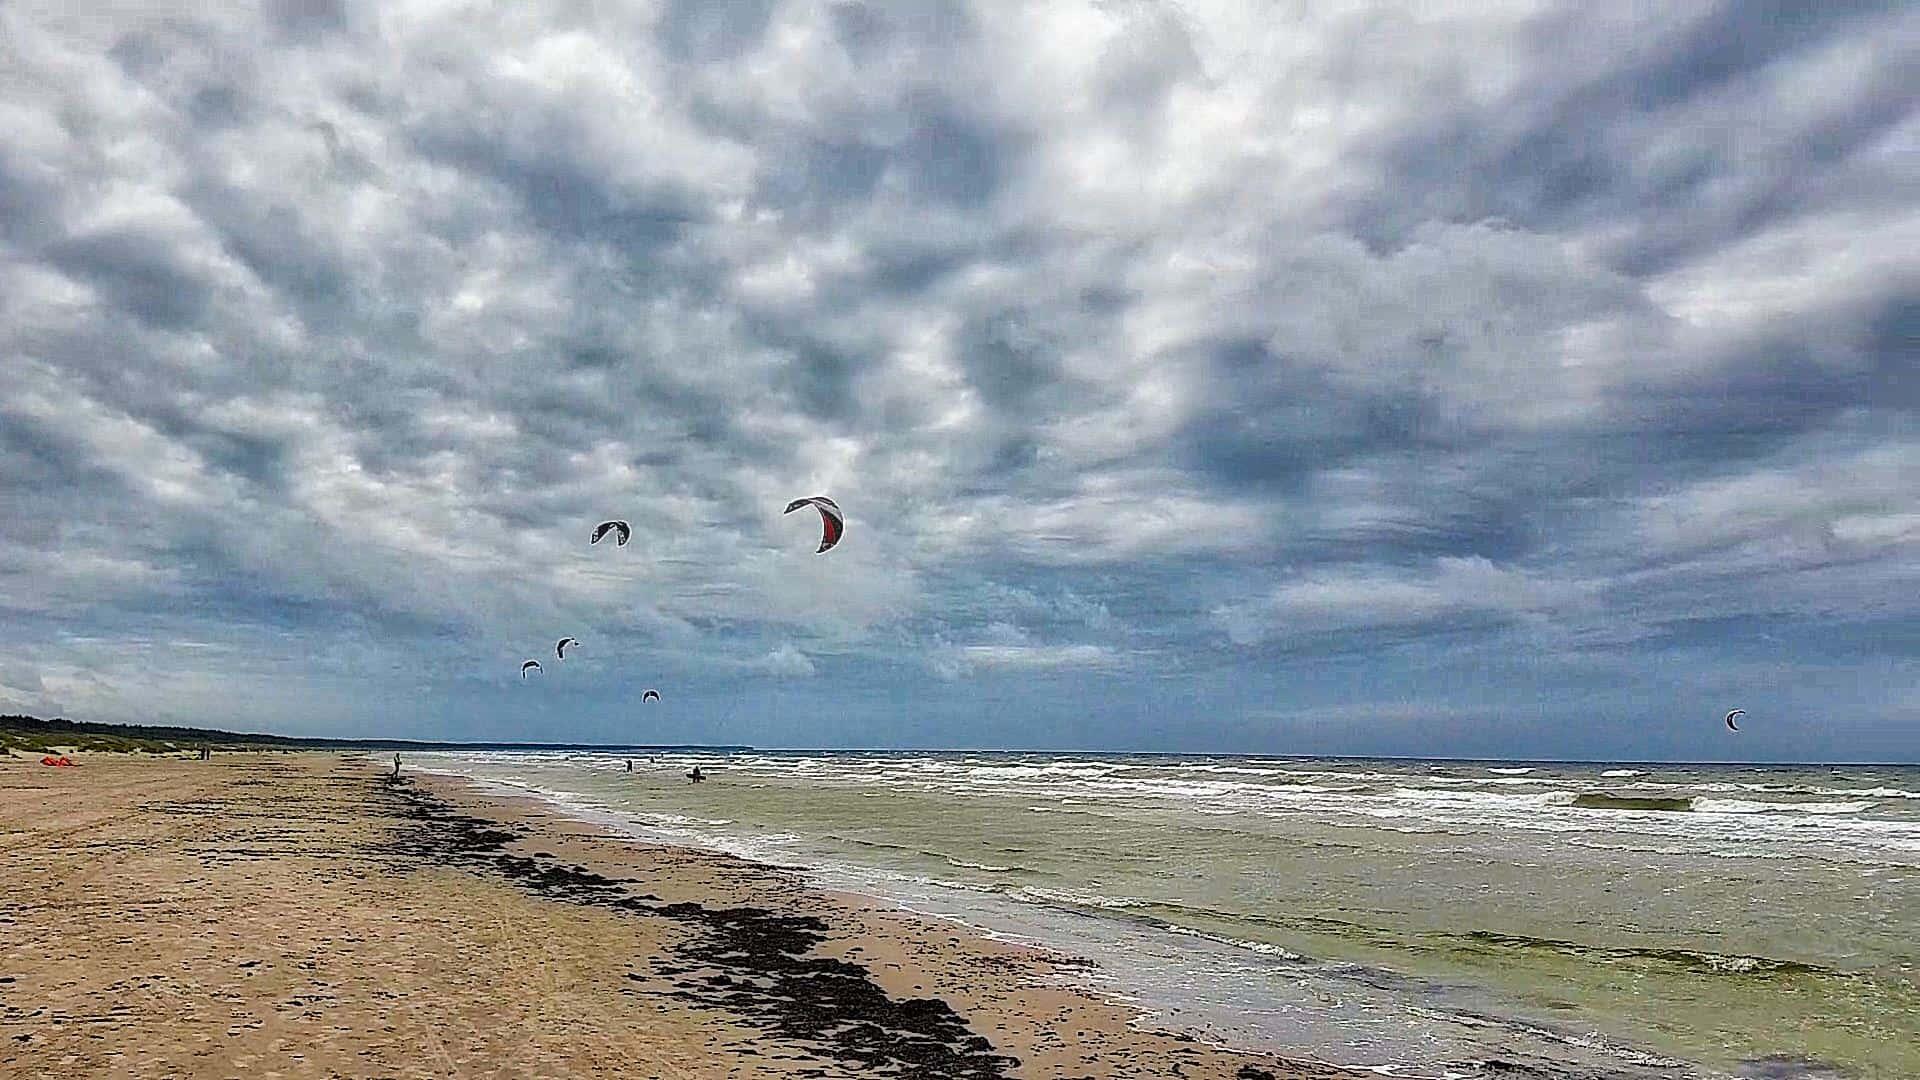 Kitesurfing Liepaja city beach